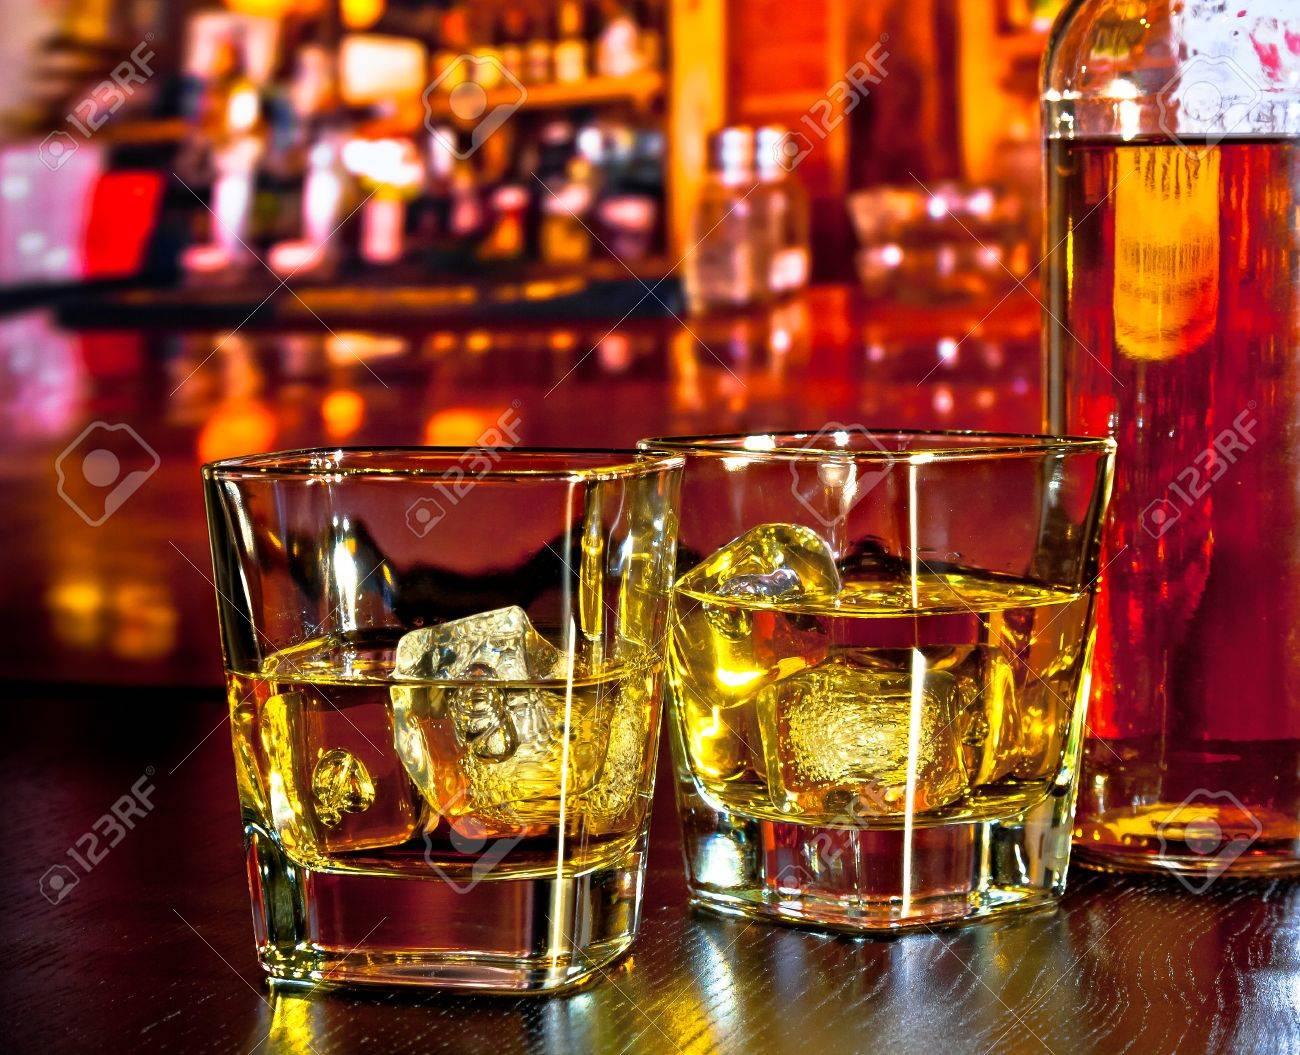 verres de whisky avec de la glace sur la table de bar pres de la bouteille de whisky sur atmosphere chaleureuse bar salon notion